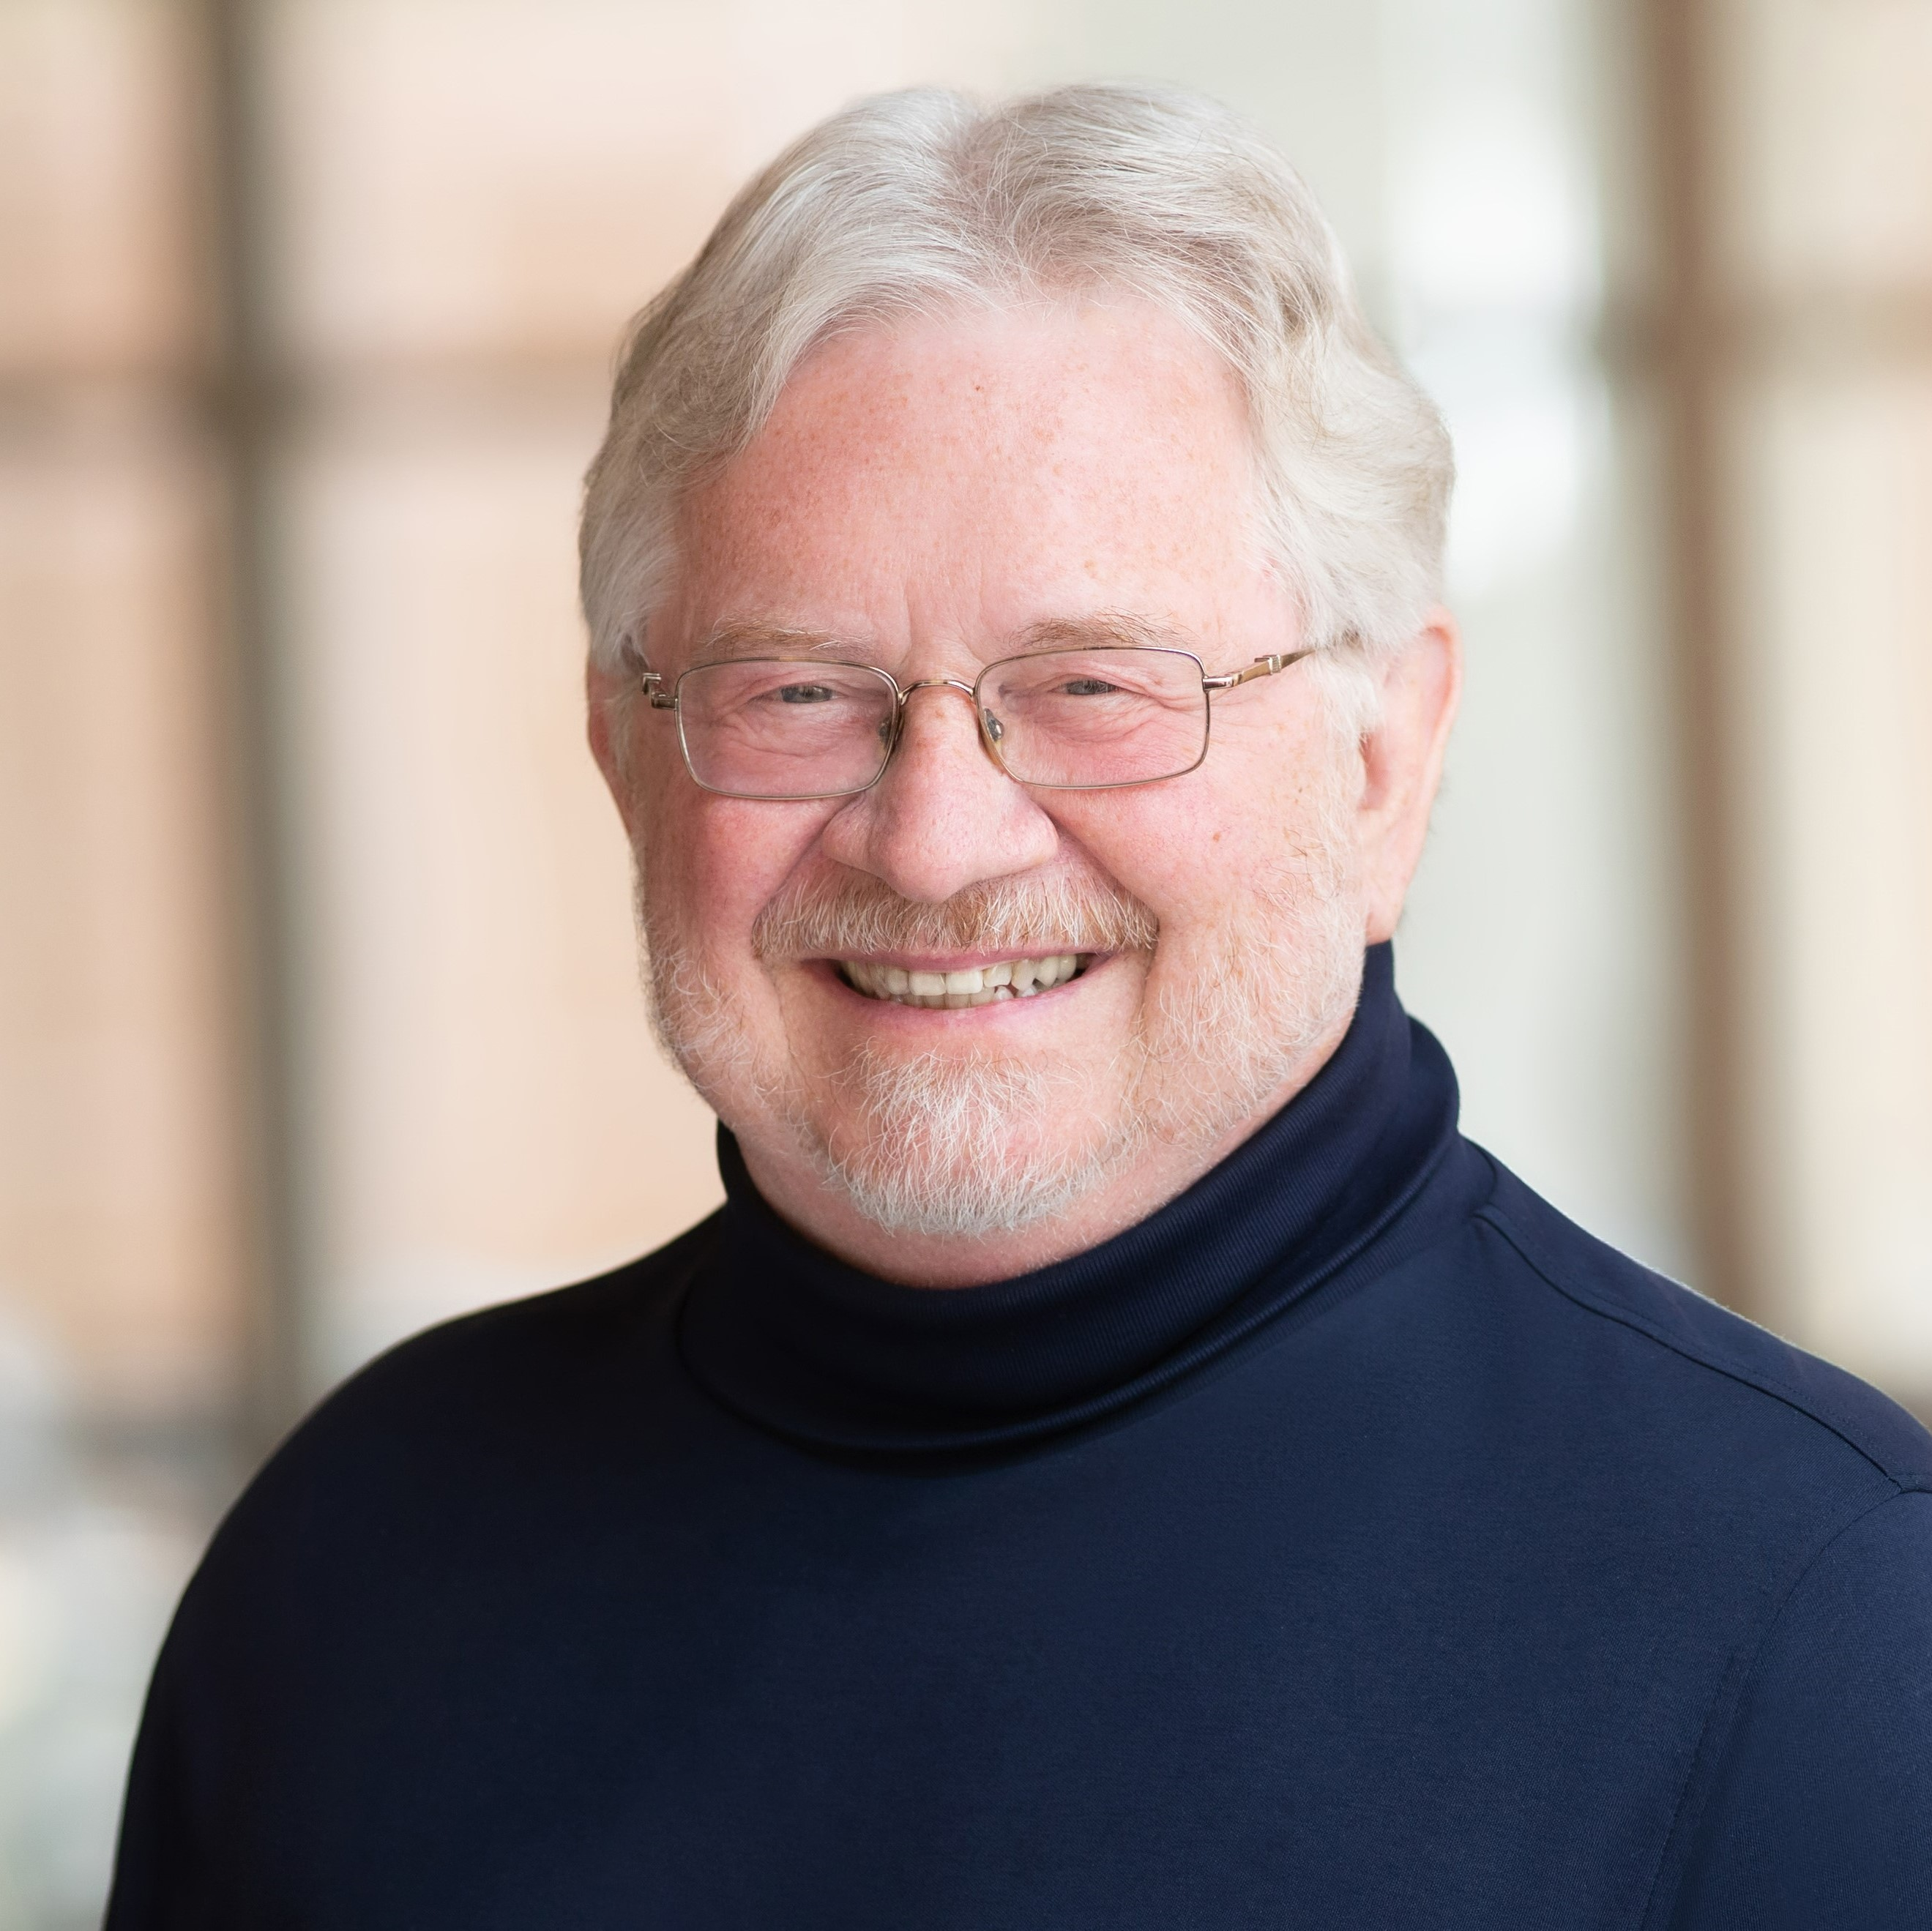 Steve Schlosser, Senior Scientist